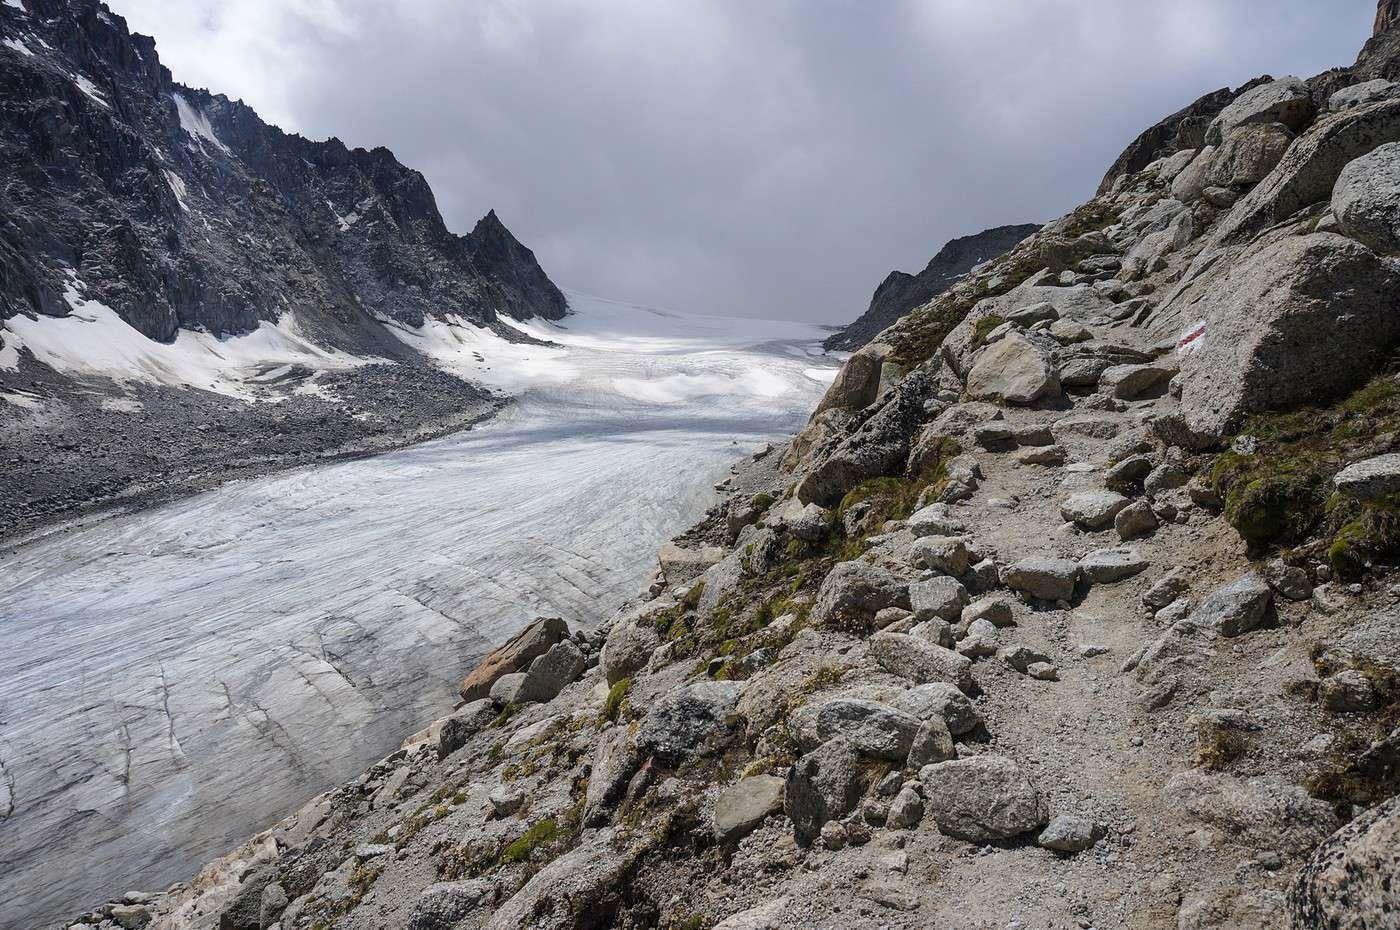 La haute route p destre des alpes for Haute route des alpes